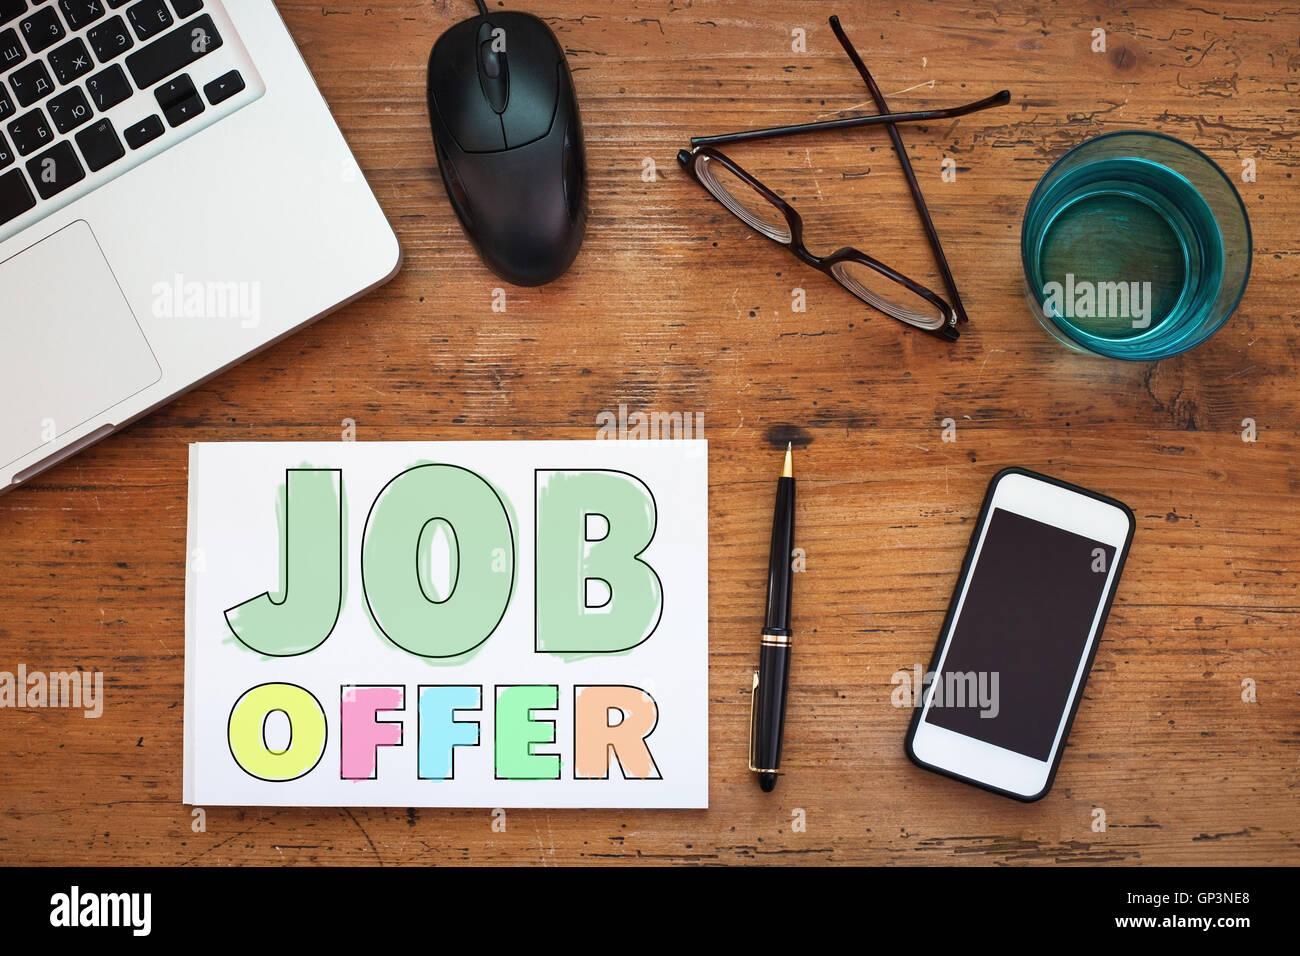 oferta de empleo Imagen De Stock